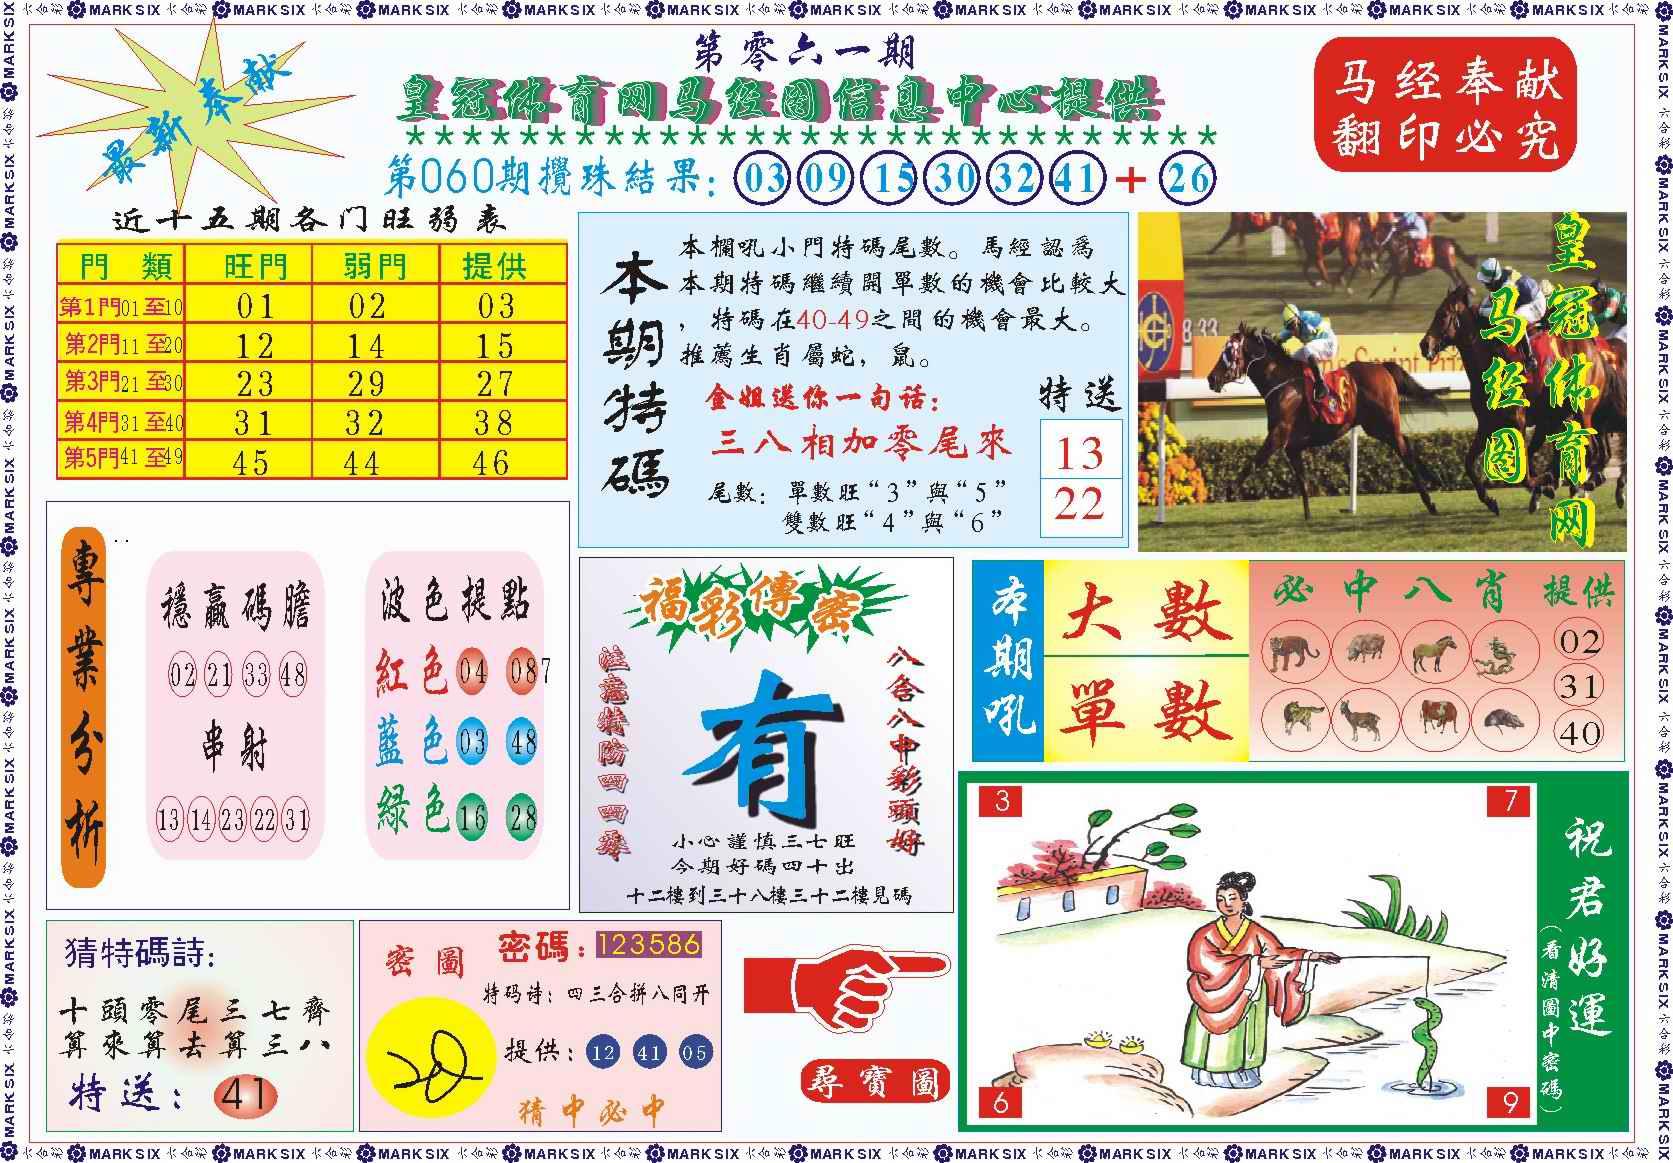 061期皇冠体育网马经图记录